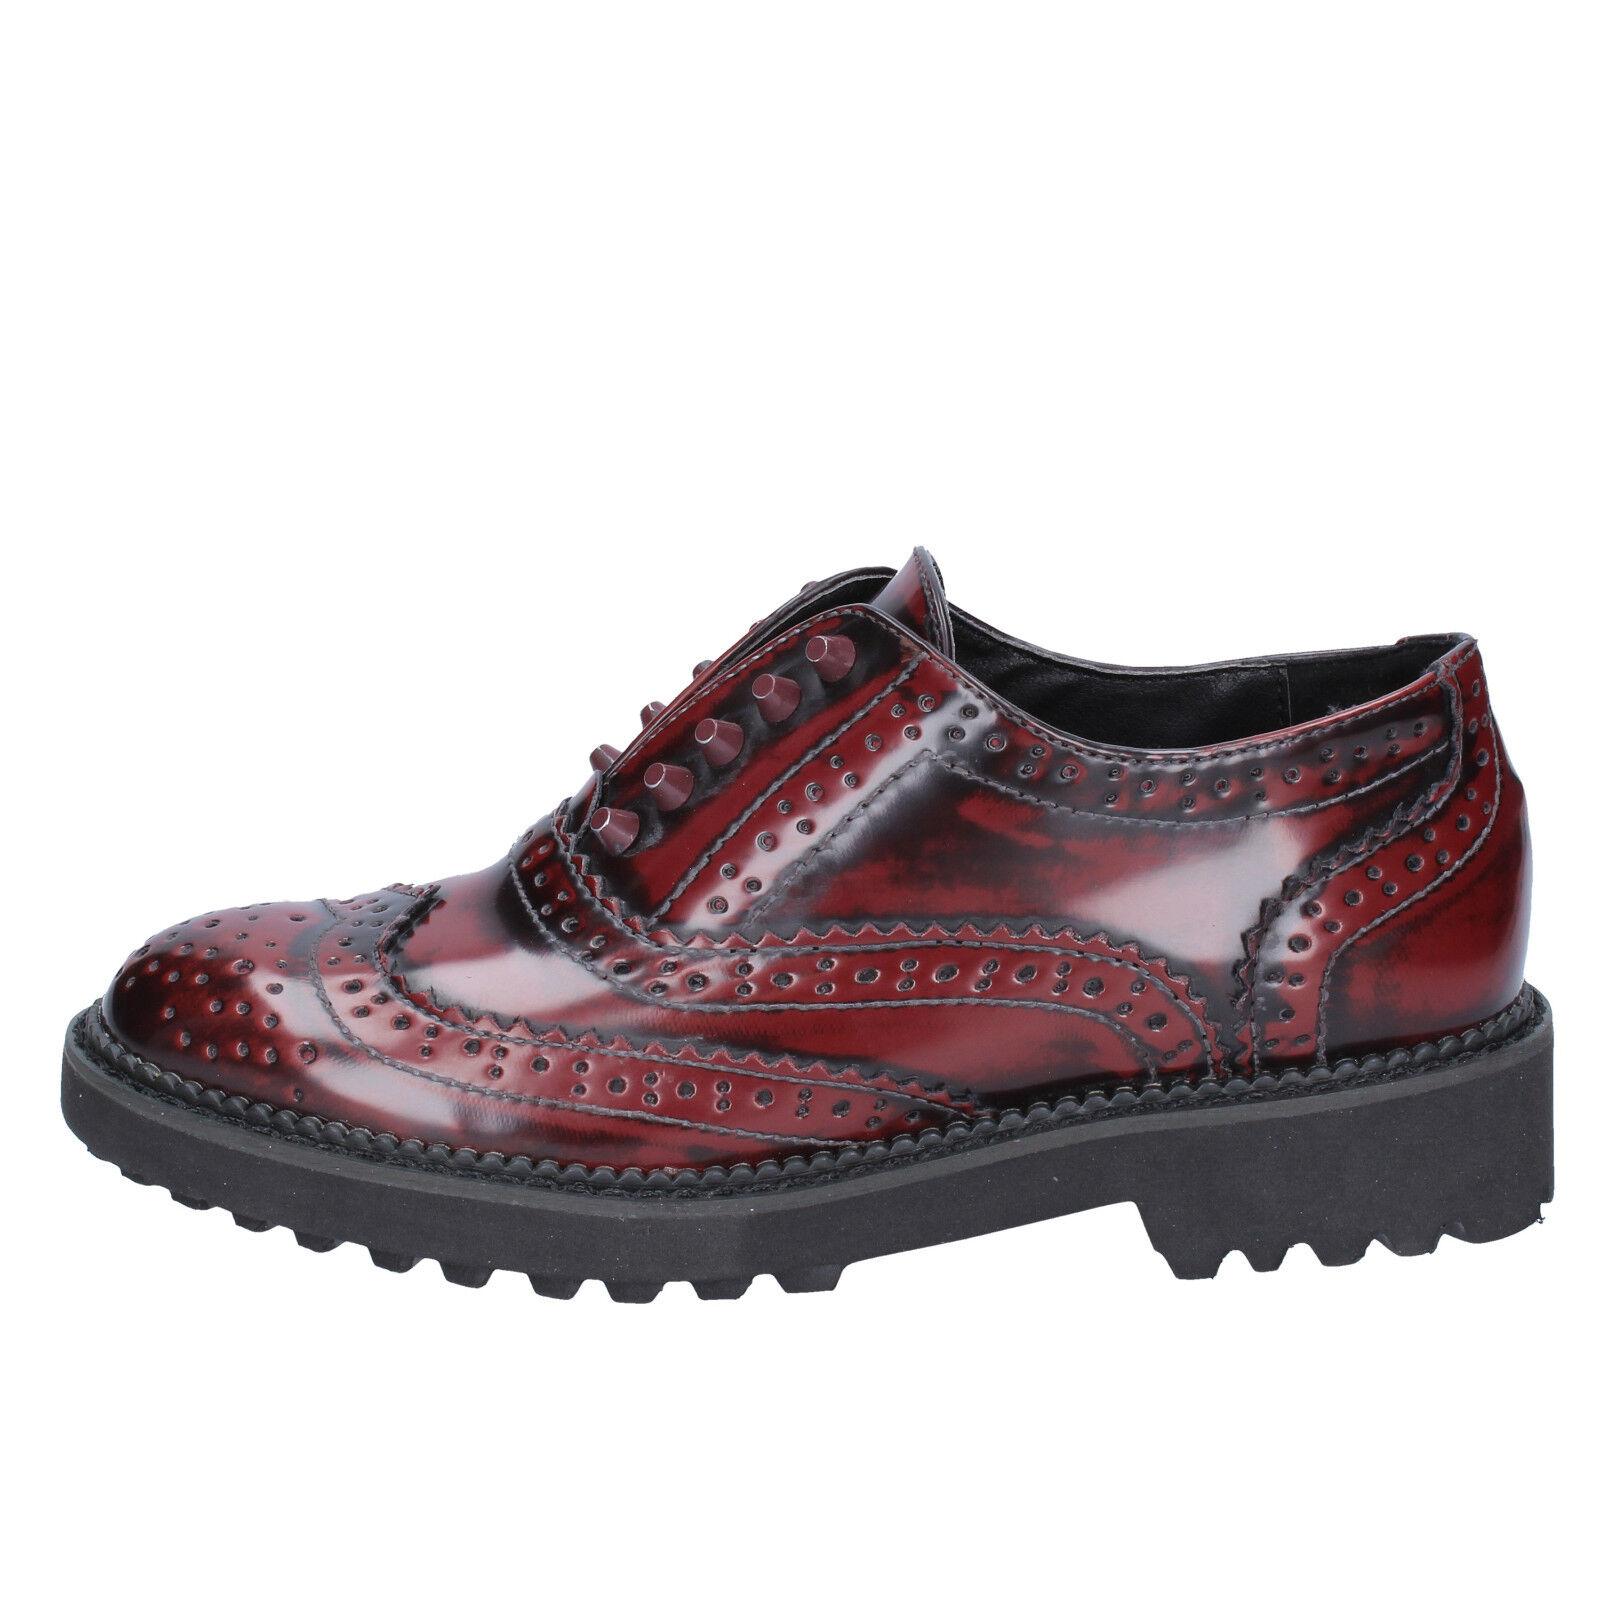 Femme chaussures Francesco Milano 3 (UE 36) élégante bordeaux cuir BX331-36